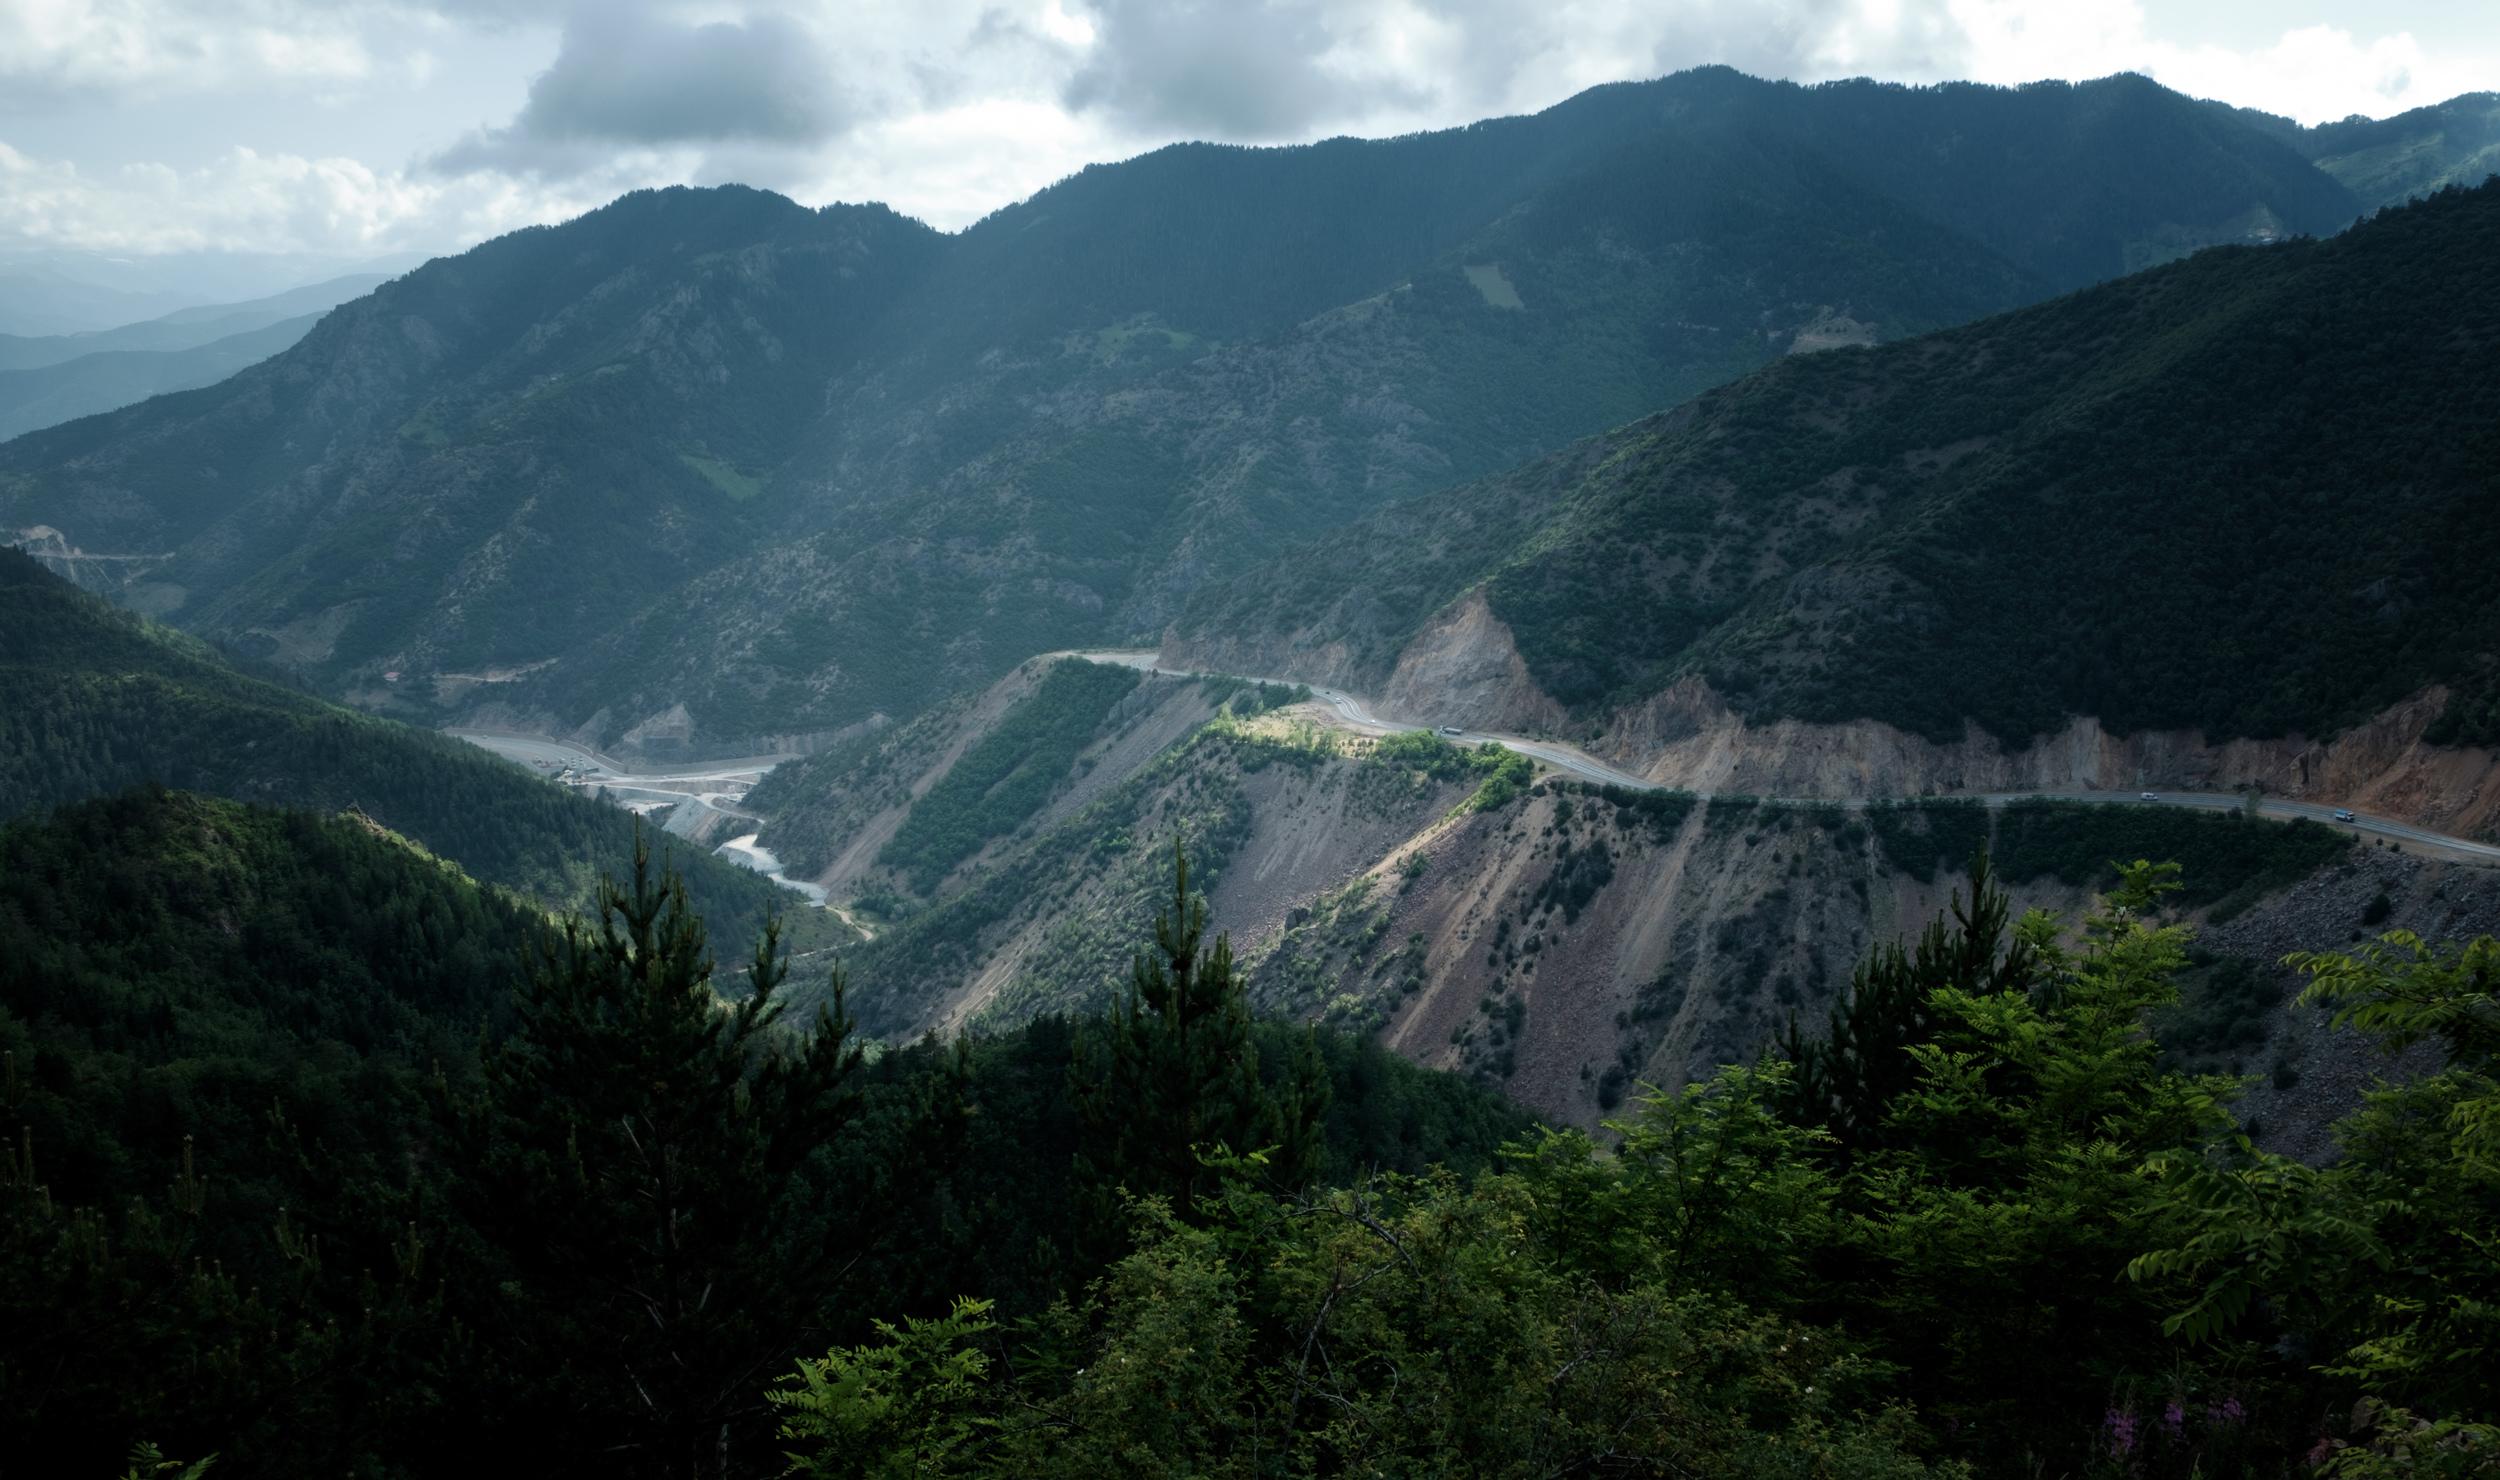 La traversée des montagnes.